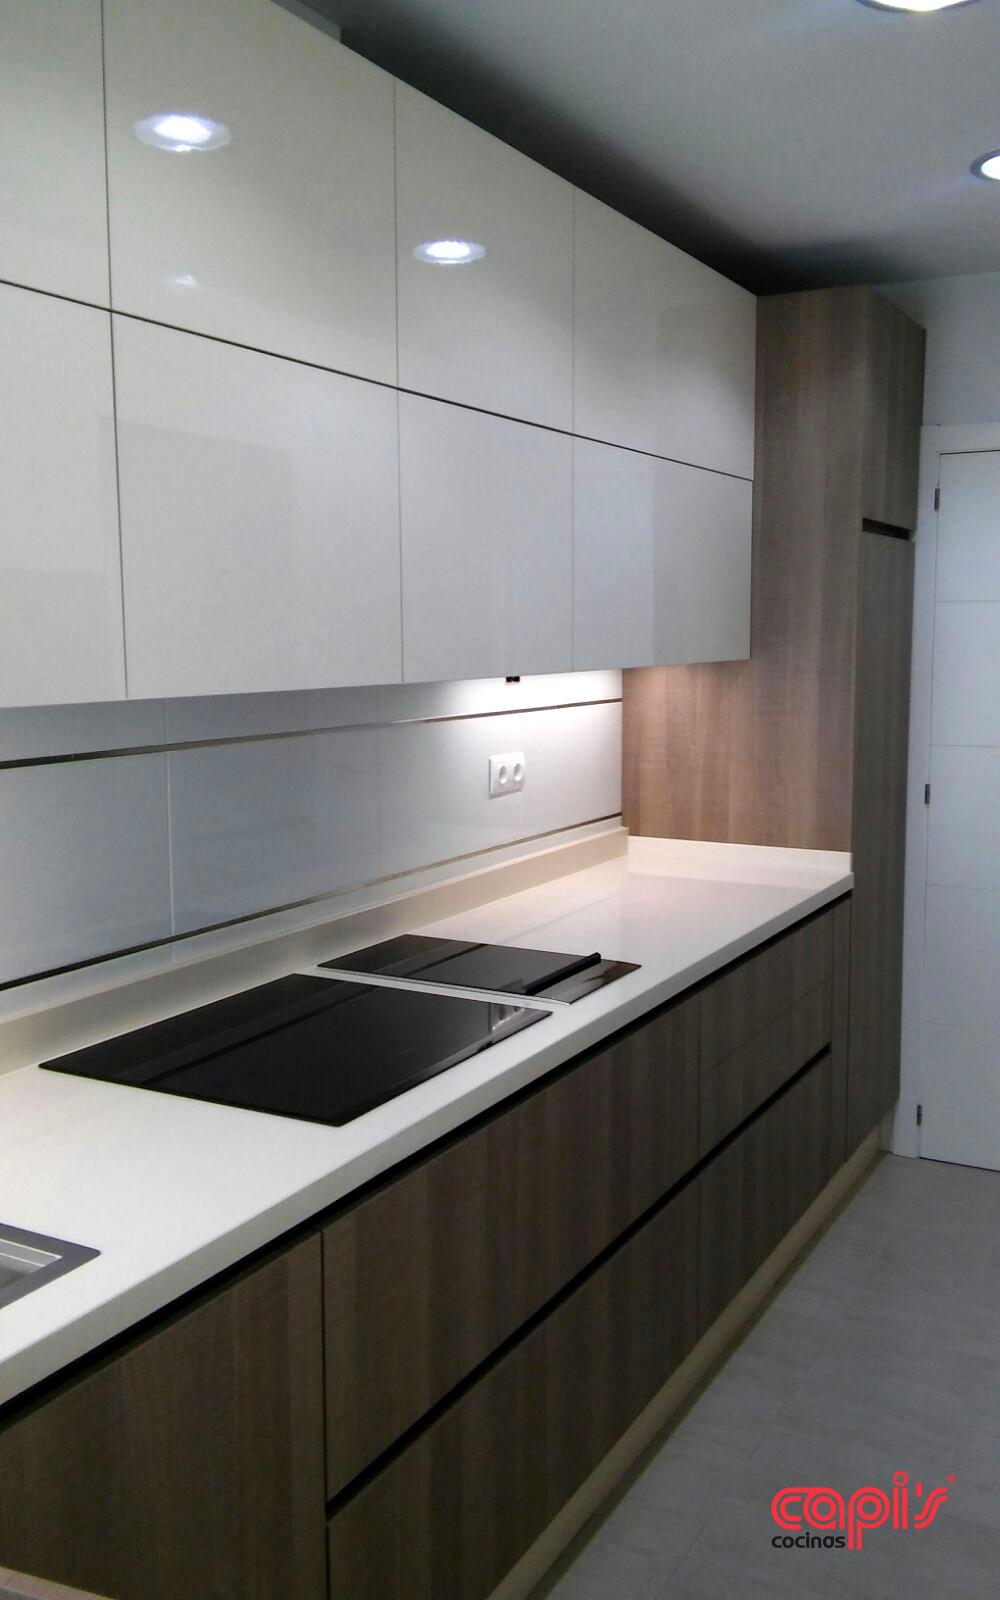 Cocina con alma de madera - Cocinas Capis, diseño y fabricación de ...